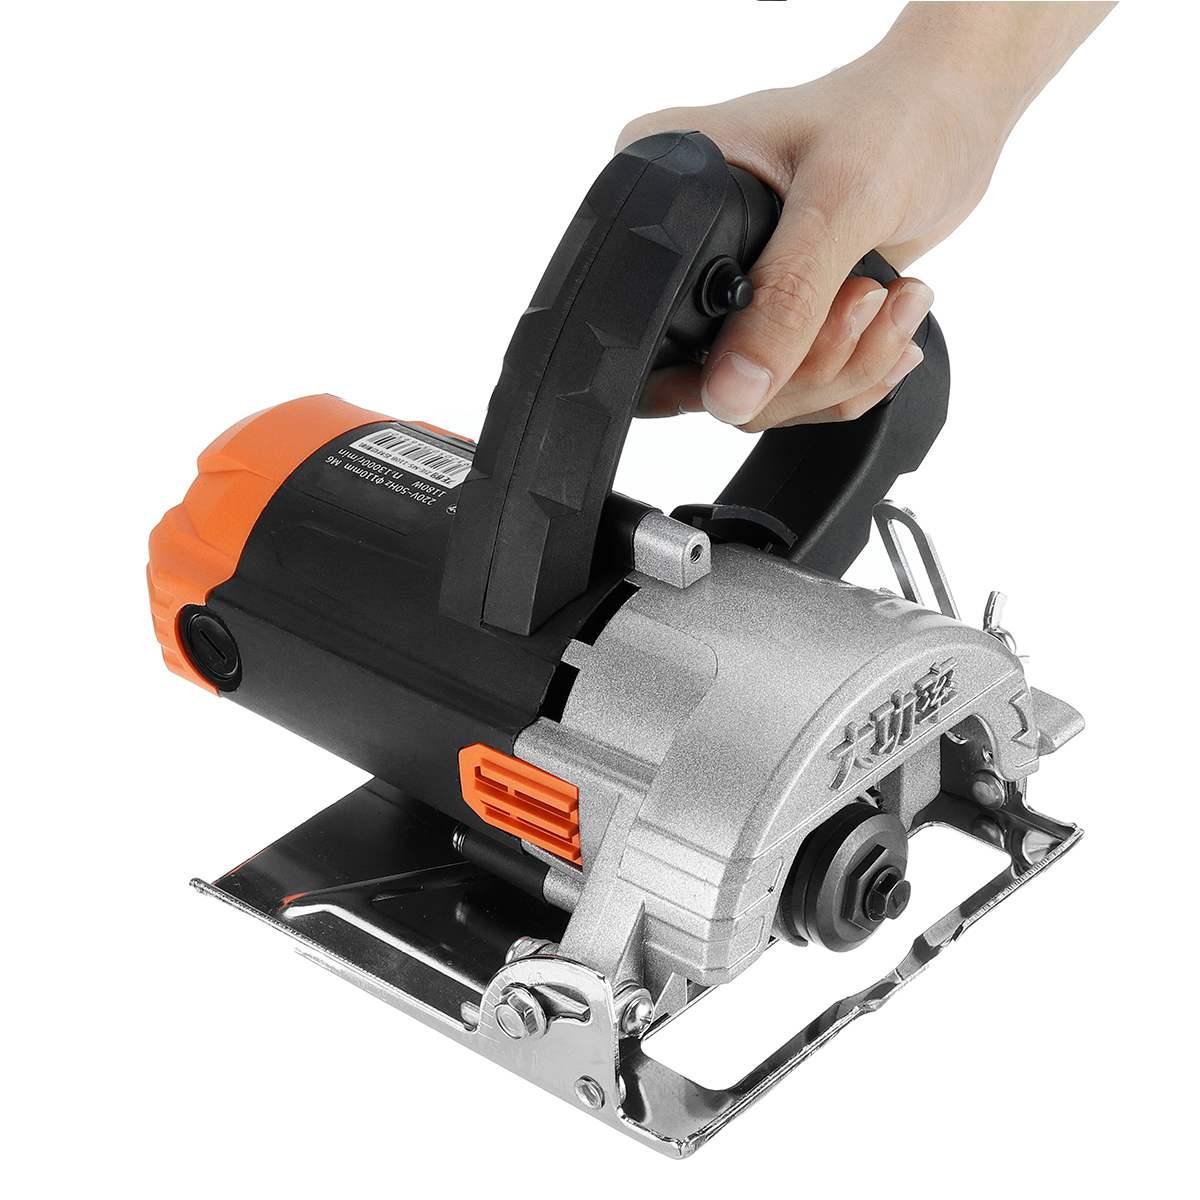 1180W moteurs de scie électrique 110mm lame 13000 tr/min haute vitesse bois métal portable Machine de découpe fil scie céramique marbre carrelage outil - 4